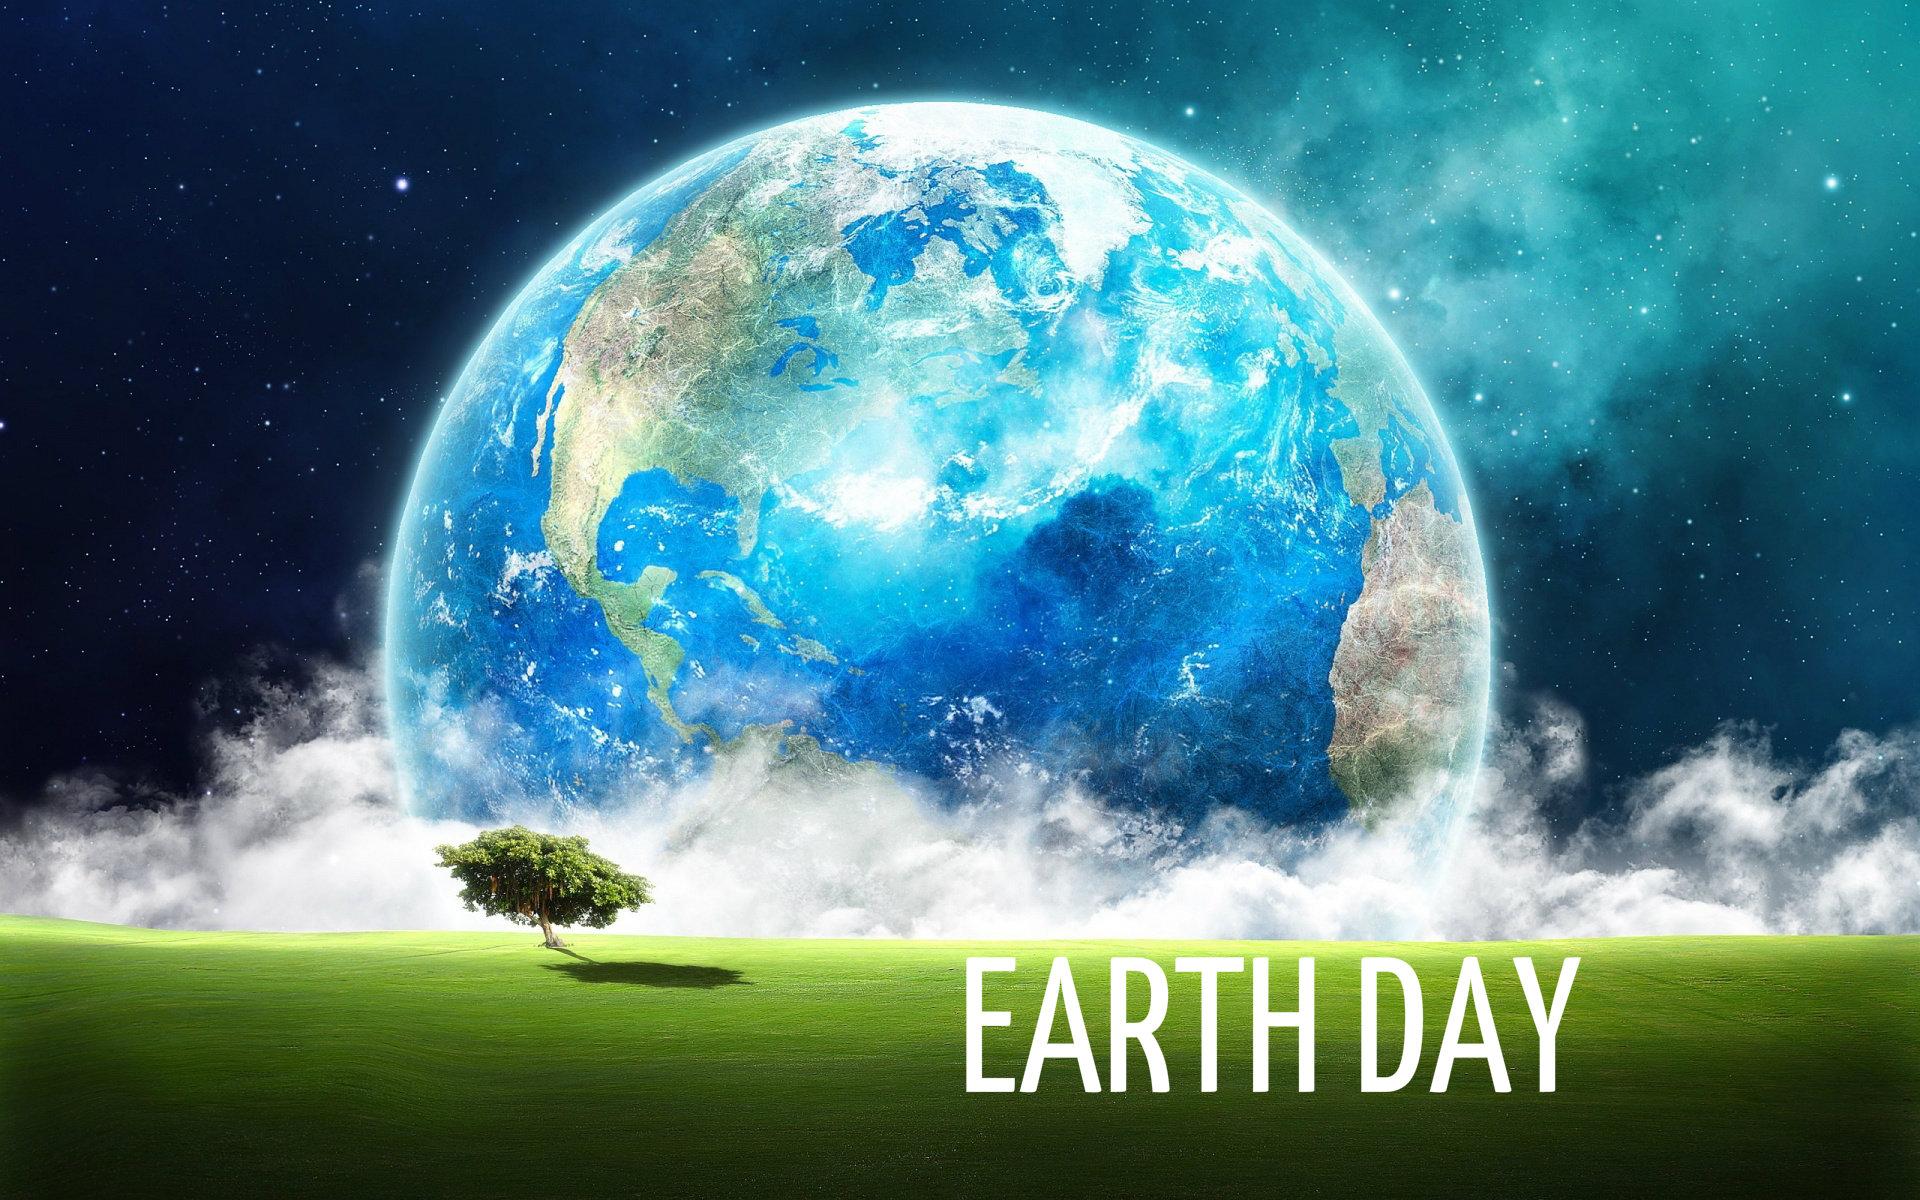 Earth Day Wallpaper 14   1920 X 1200 stmednet 1920x1200